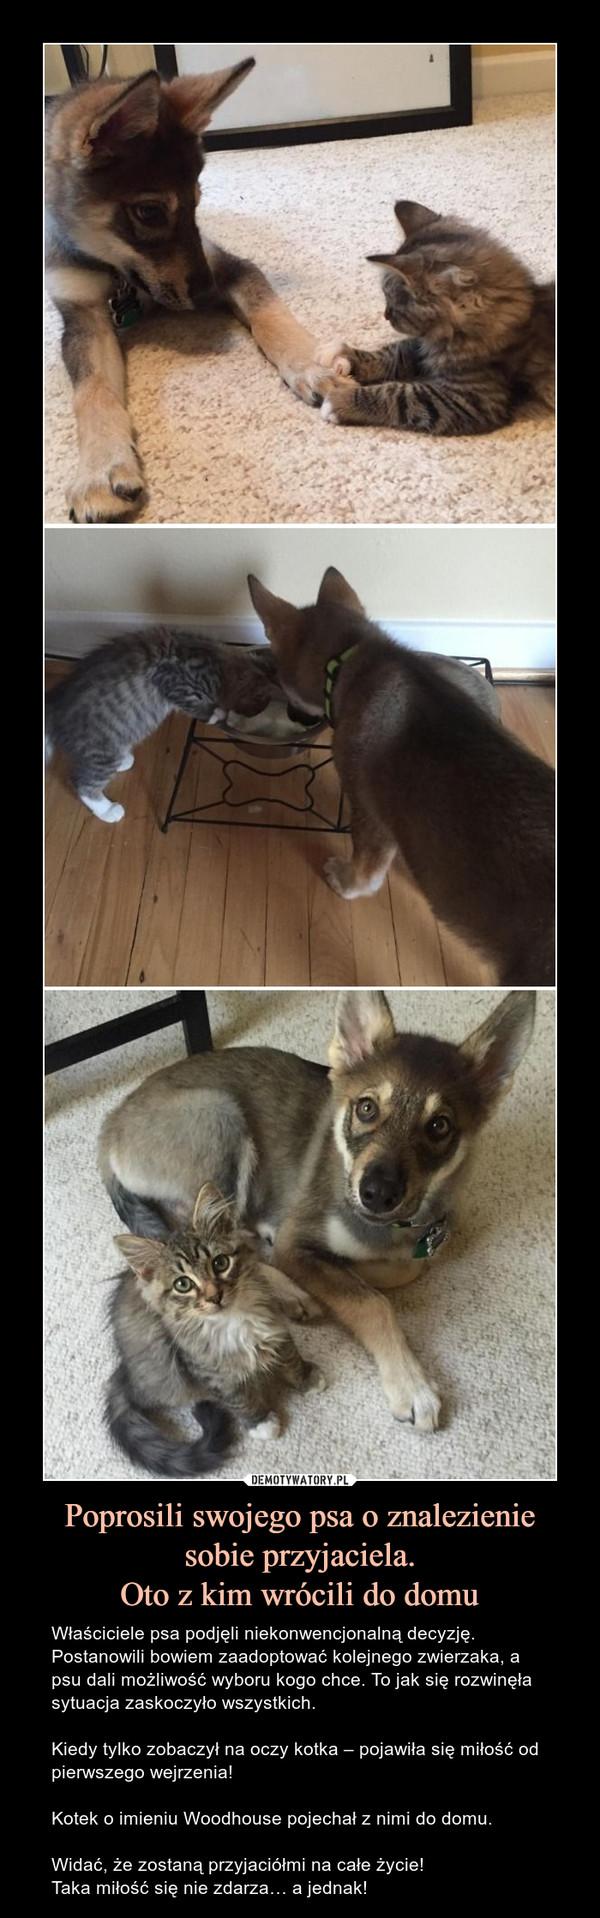 Poprosili swojego psa o znalezienie sobie przyjaciela.Oto z kim wrócili do domu – Właściciele psa podjęli niekonwencjonalną decyzję. Postanowili bowiem zaadoptować kolejnego zwierzaka, a psu dali możliwość wyboru kogo chce. To jak się rozwinęła sytuacja zaskoczyło wszystkich.Kiedy tylko zobaczył na oczy kotka – pojawiła się miłość od pierwszego wejrzenia!Kotek o imieniu Woodhouse pojechał z nimi do domu.Widać, że zostaną przyjaciółmi na całe życie!Taka miłość się nie zdarza… a jednak!